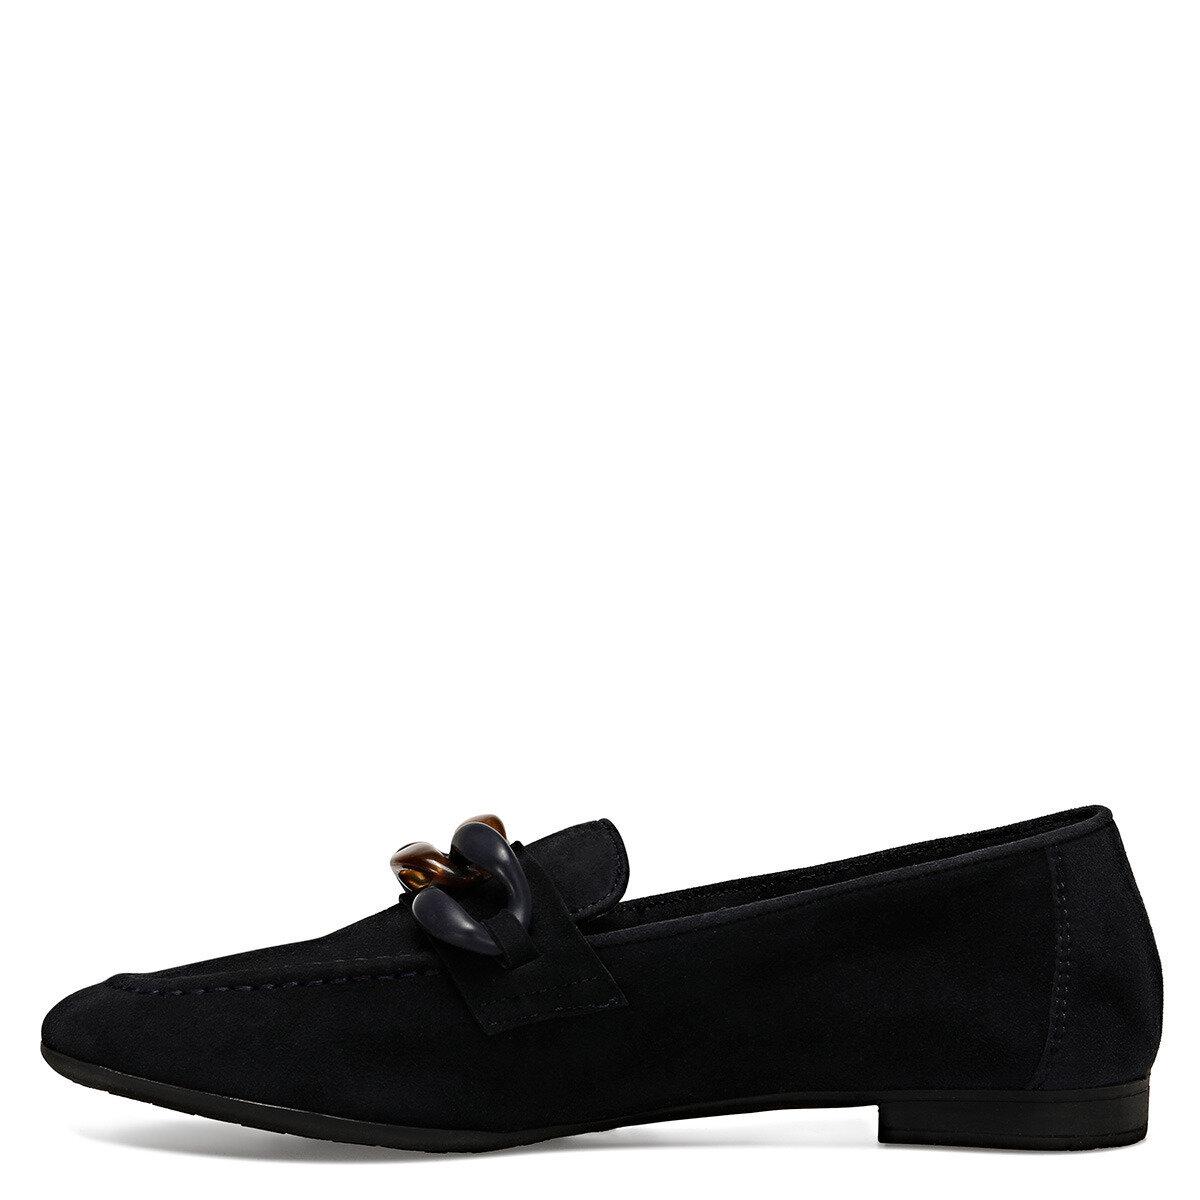 ETO Lacivert Kadın Loafer Ayakkabı